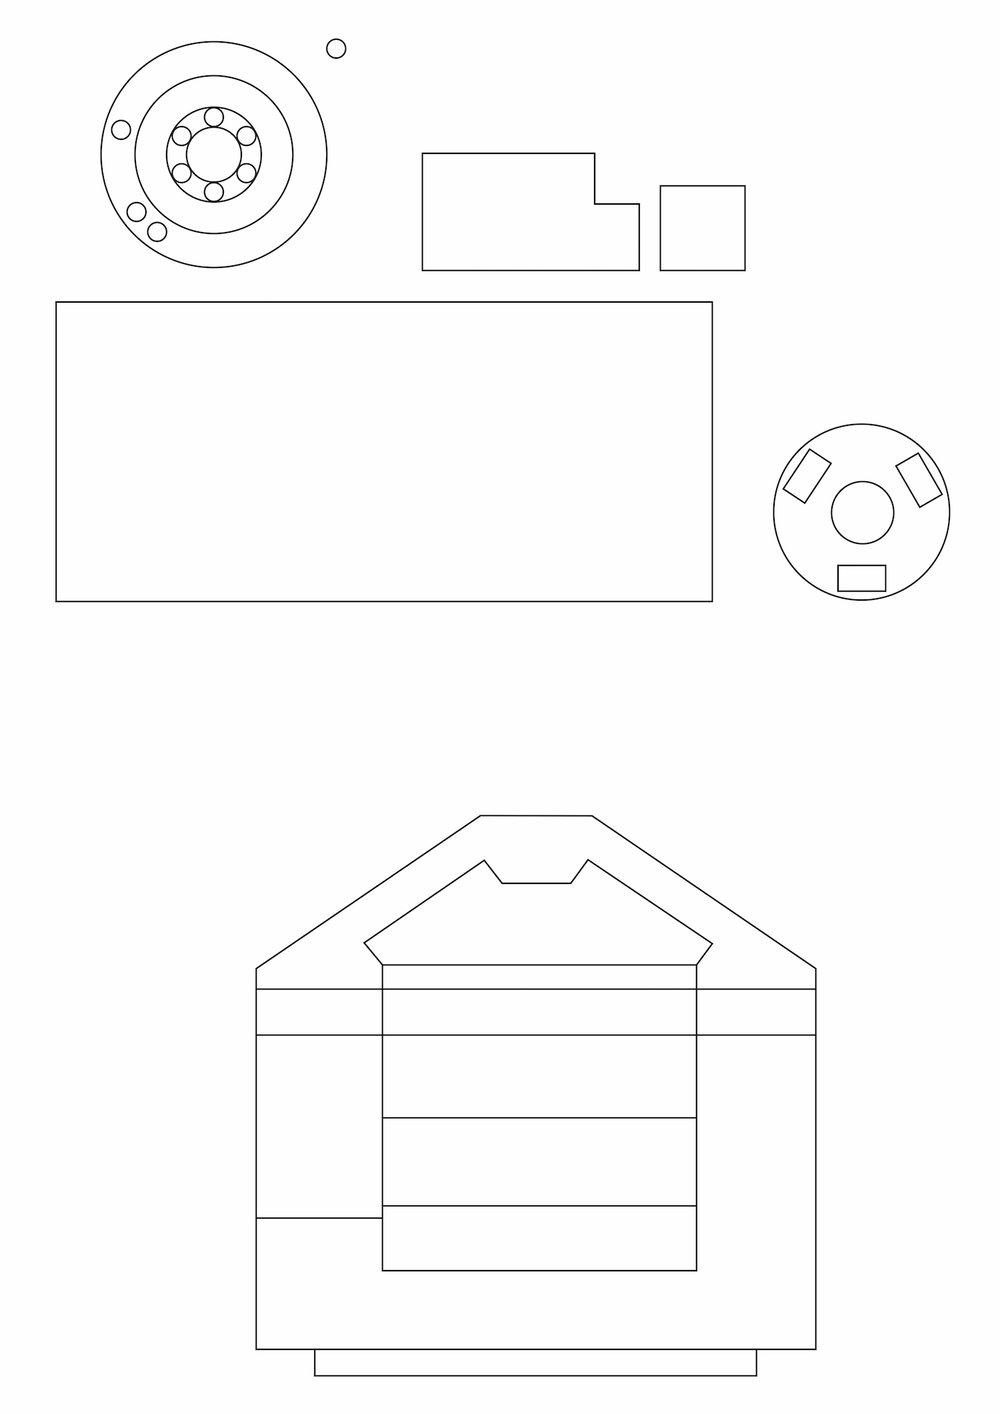 19_Zeichenfläche 1.jpg